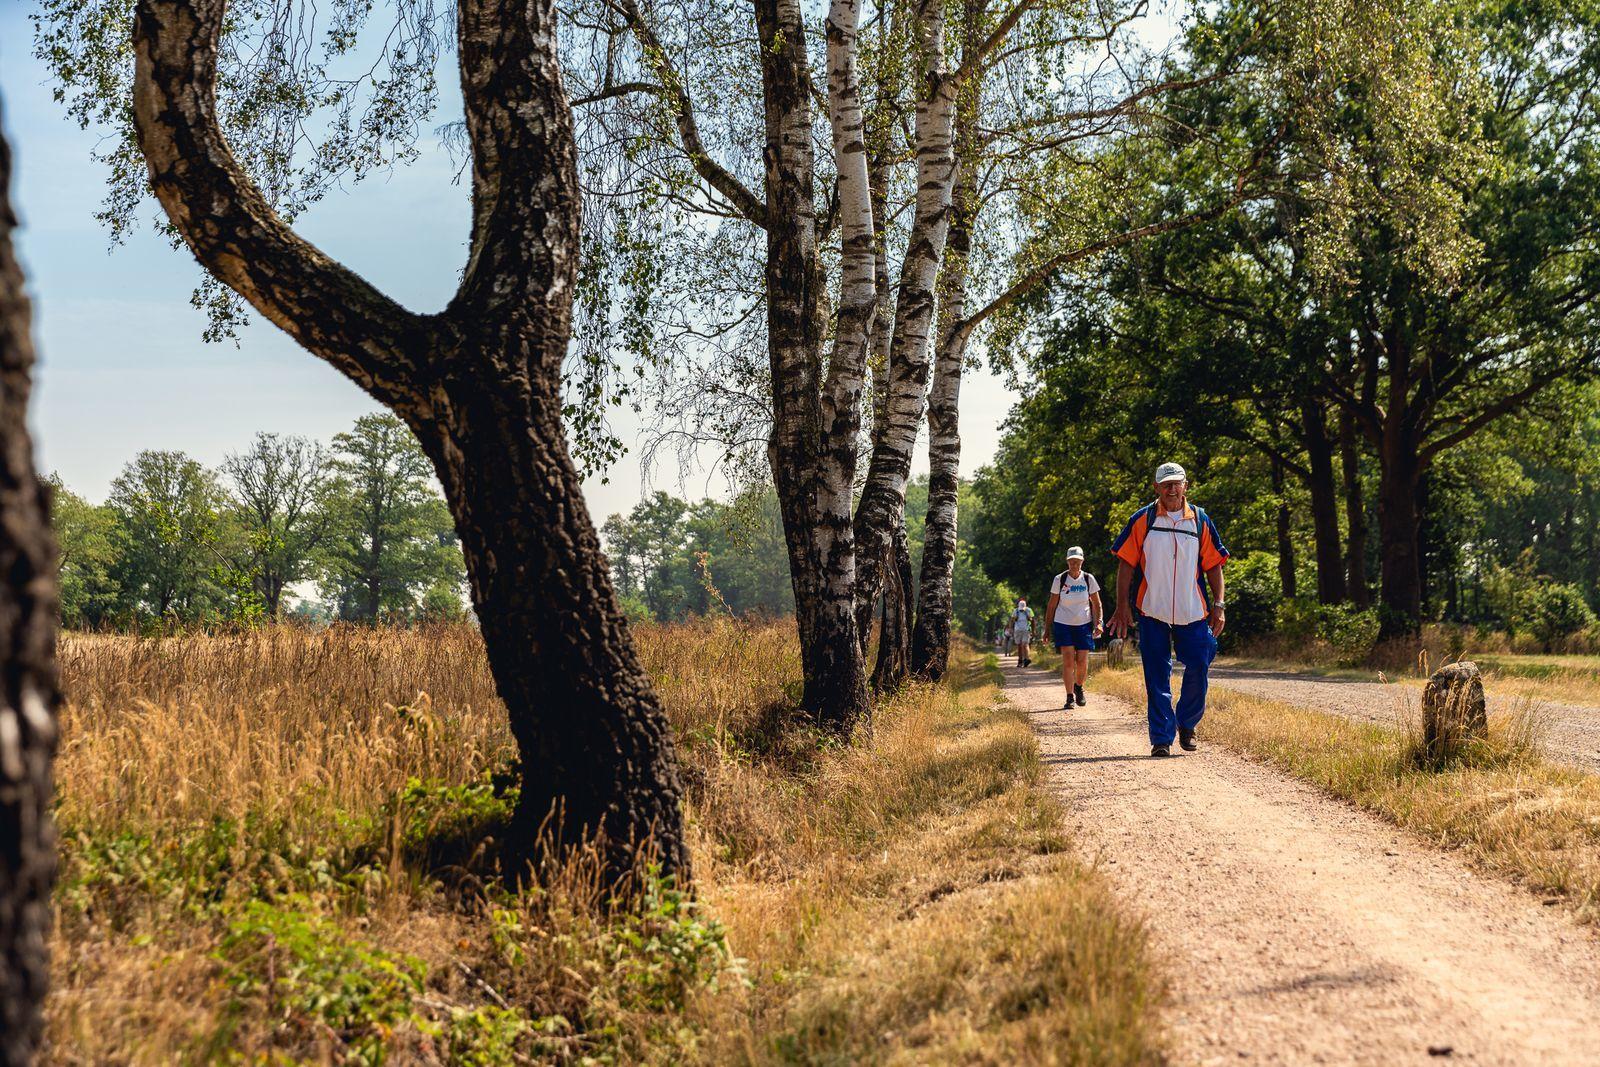 Reggestreek Wandel4daagse, verblijf 6 dagen in een luxe accommodatie inclusief halfpension - 2021